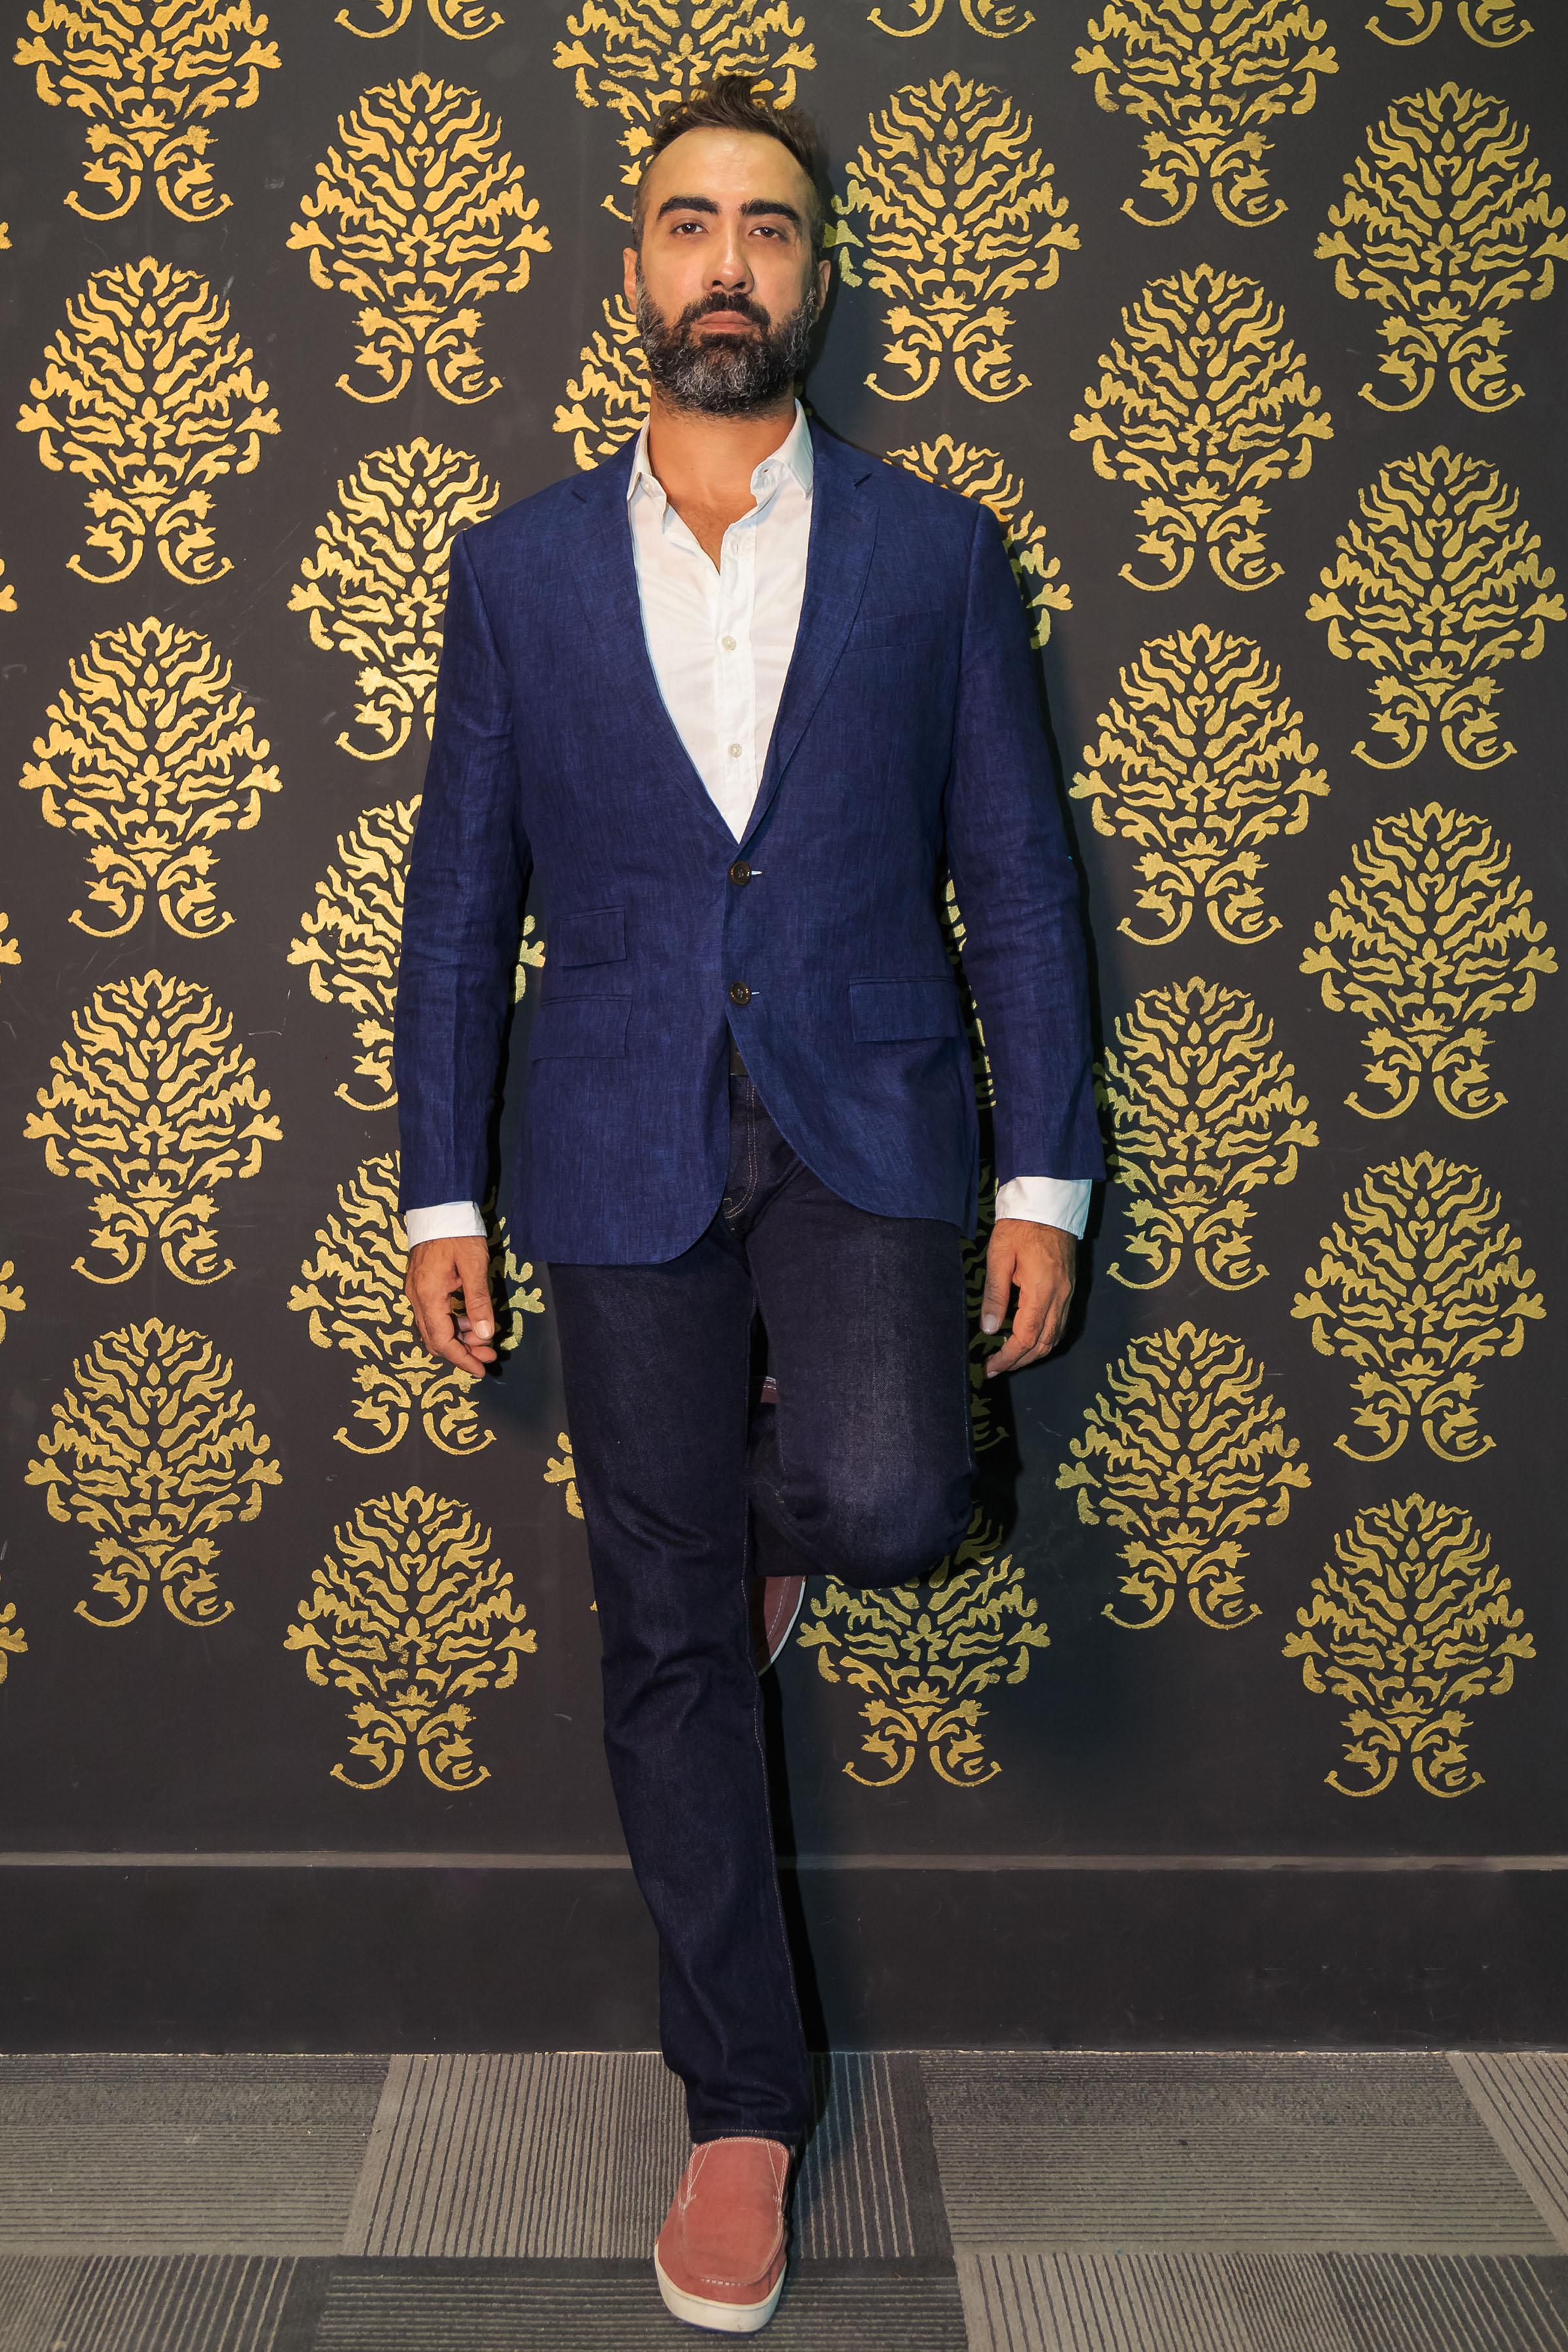 रणवीर शौरी को 'सोनचिड़िया ' के लिए 'सर्वश्रेष्ठ सहायक अभिनेता' का ६५वें अमेज़ोन फ़िल्मफ़ेयर पुरस्कार में नामांकन मिला